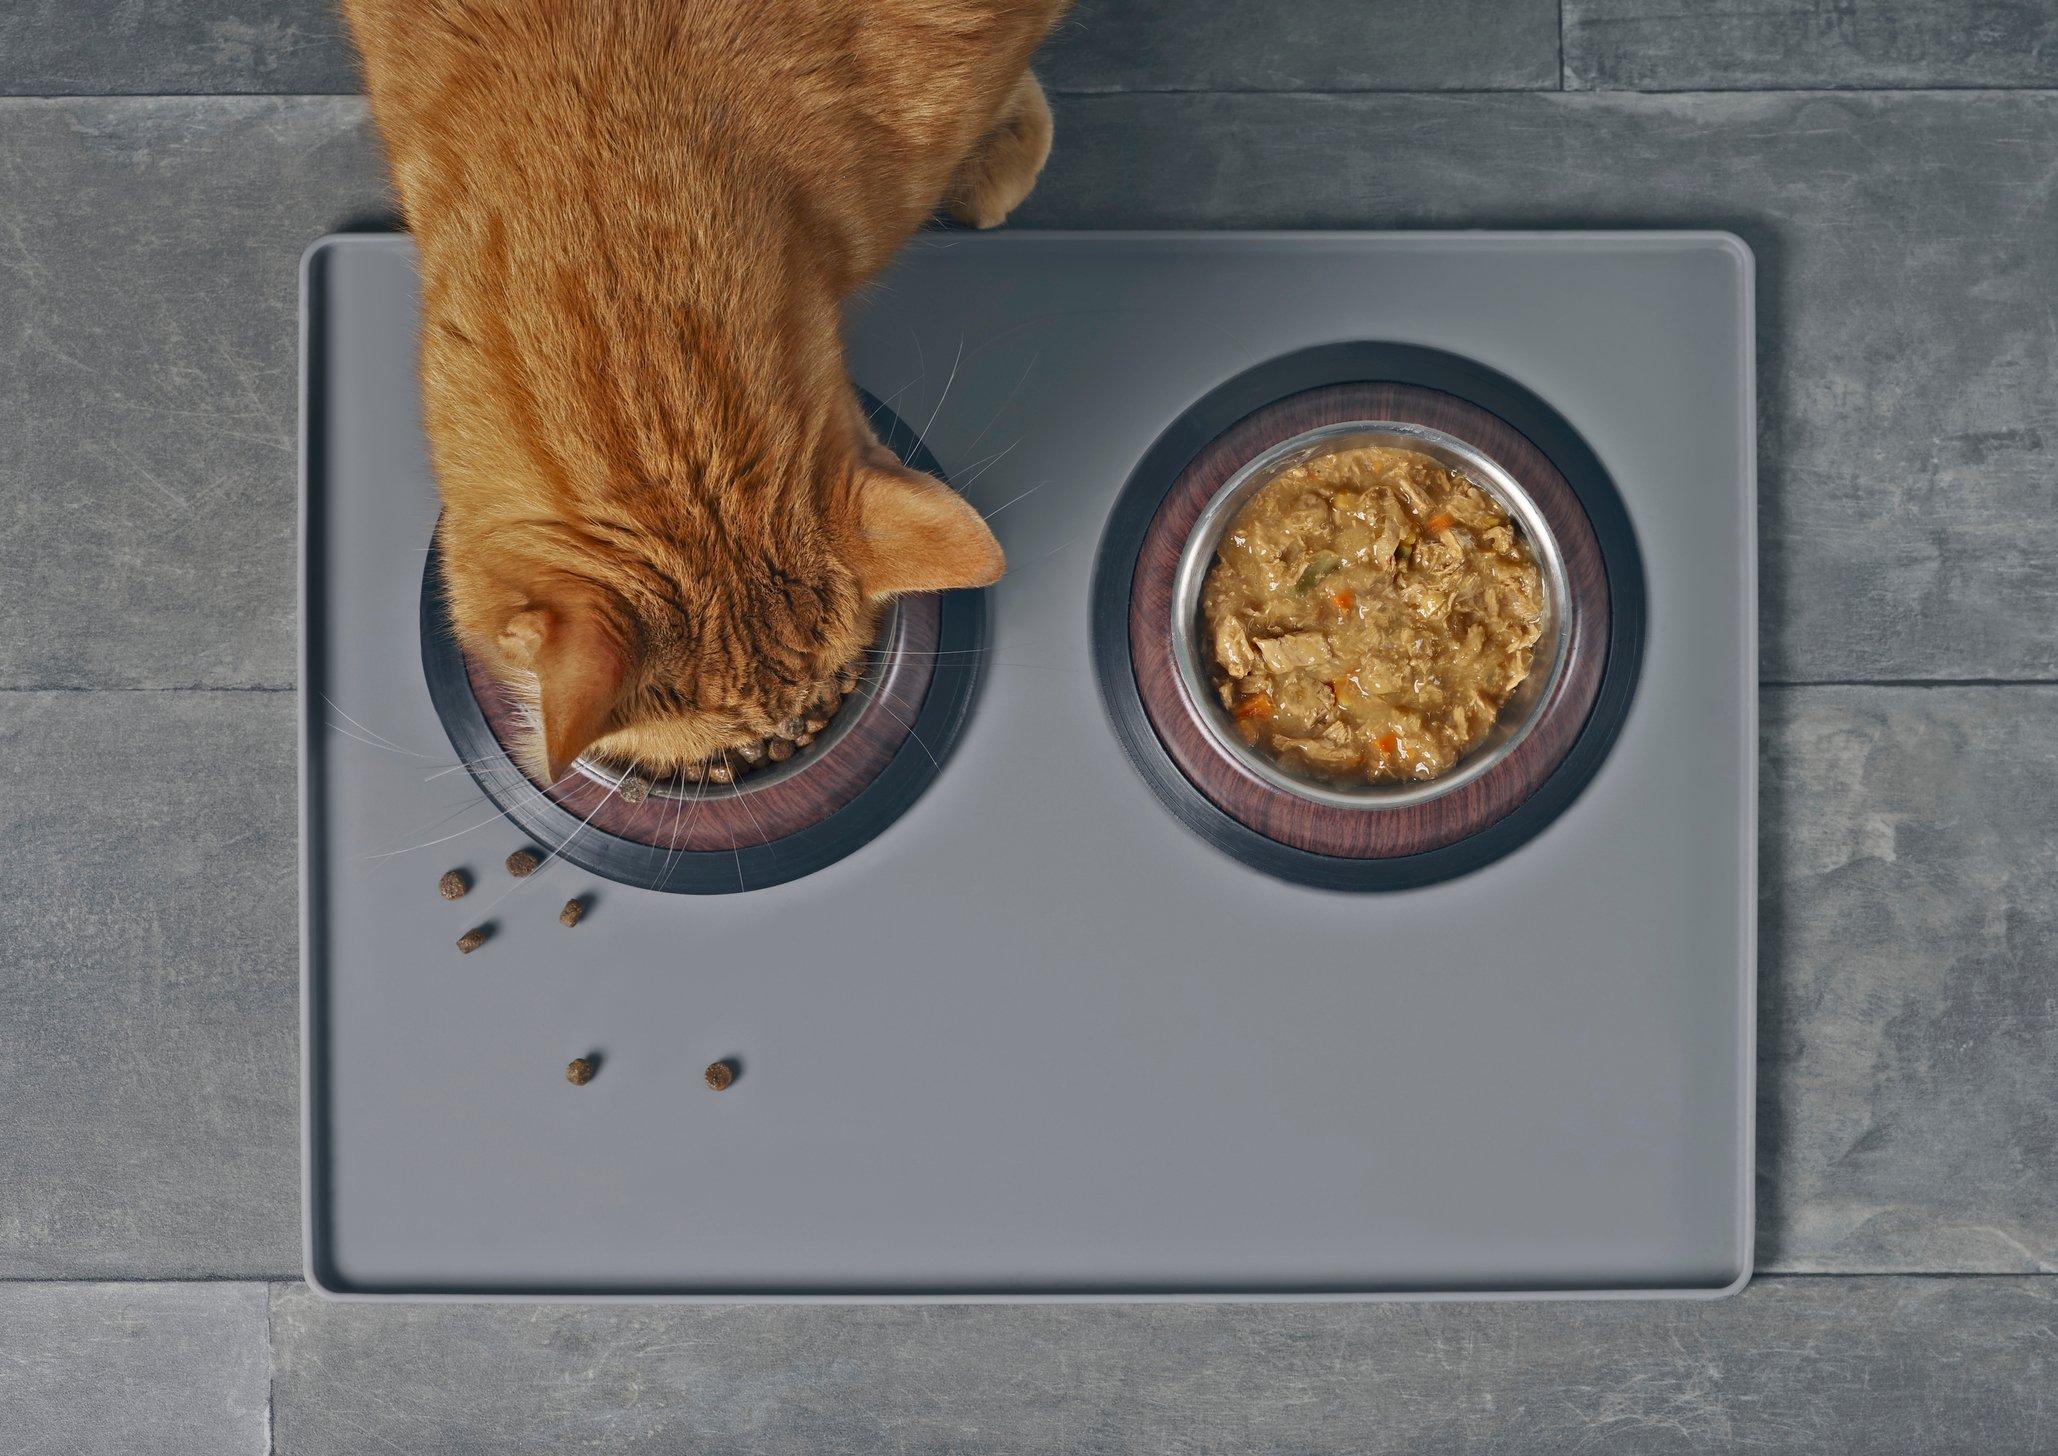 Orange cat eats kibble out of a double dish